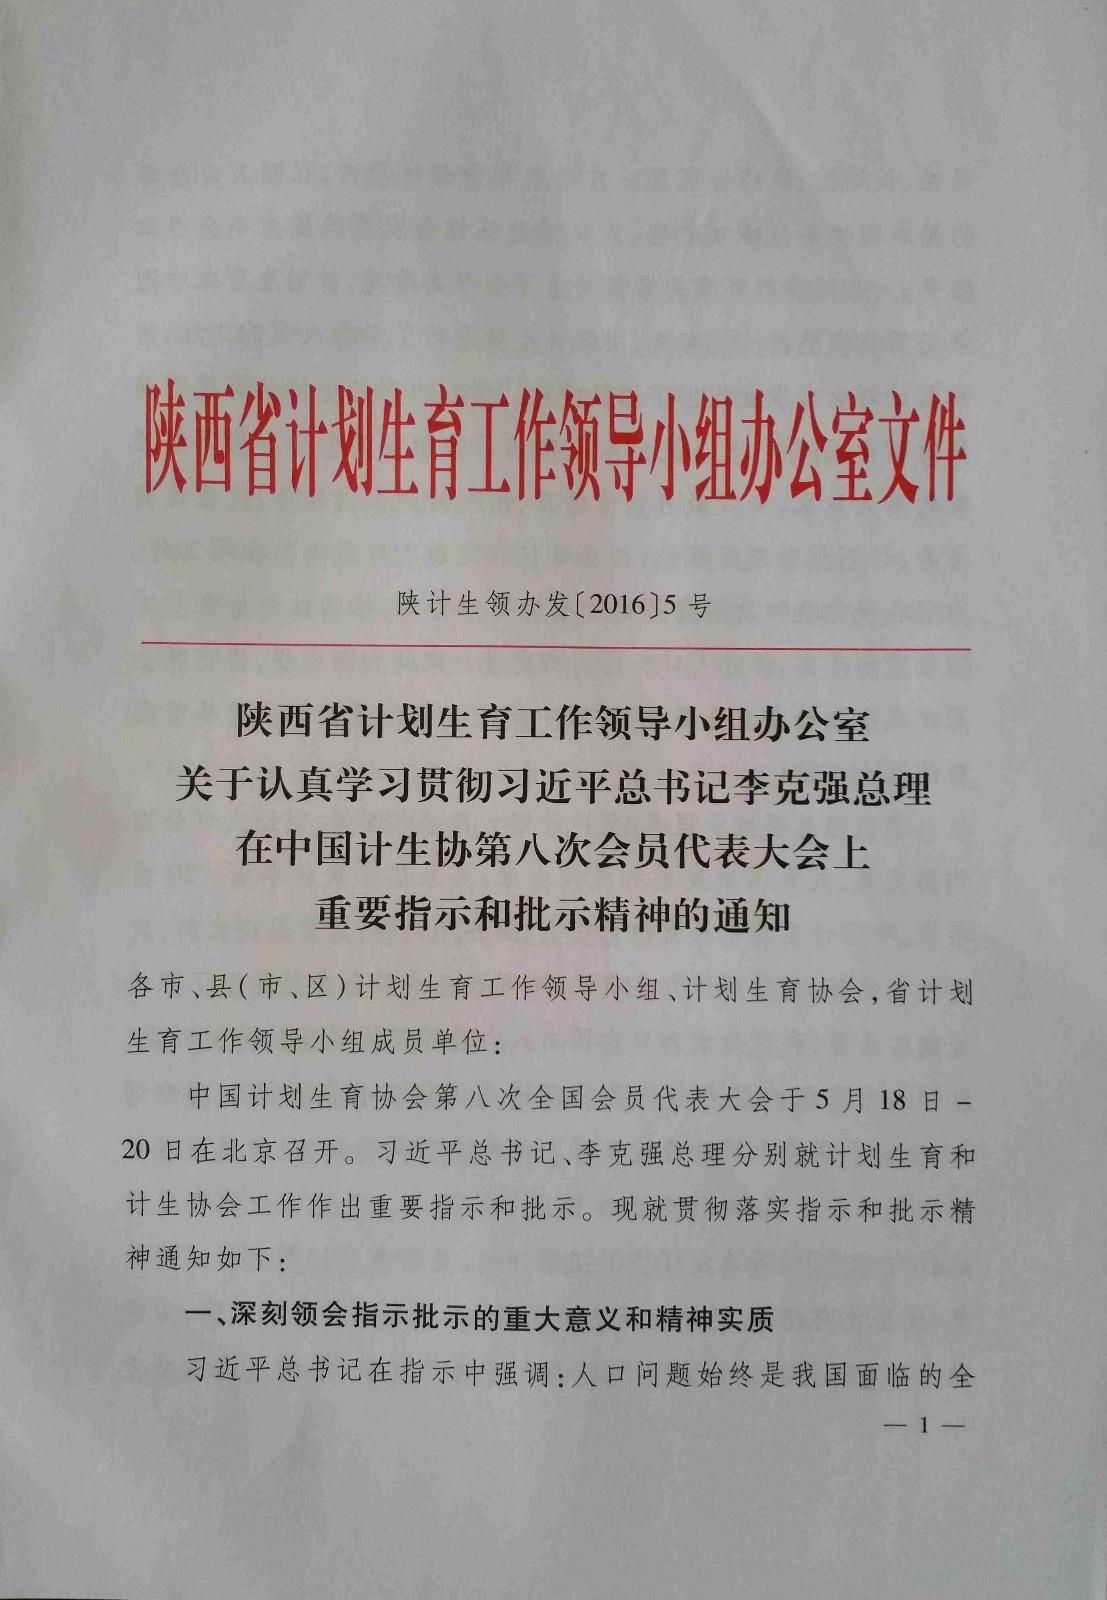 陕西省积极贯彻中国威廉希尔登录协八代会精神 全面推进威廉希尔登录协工作-4.jpg